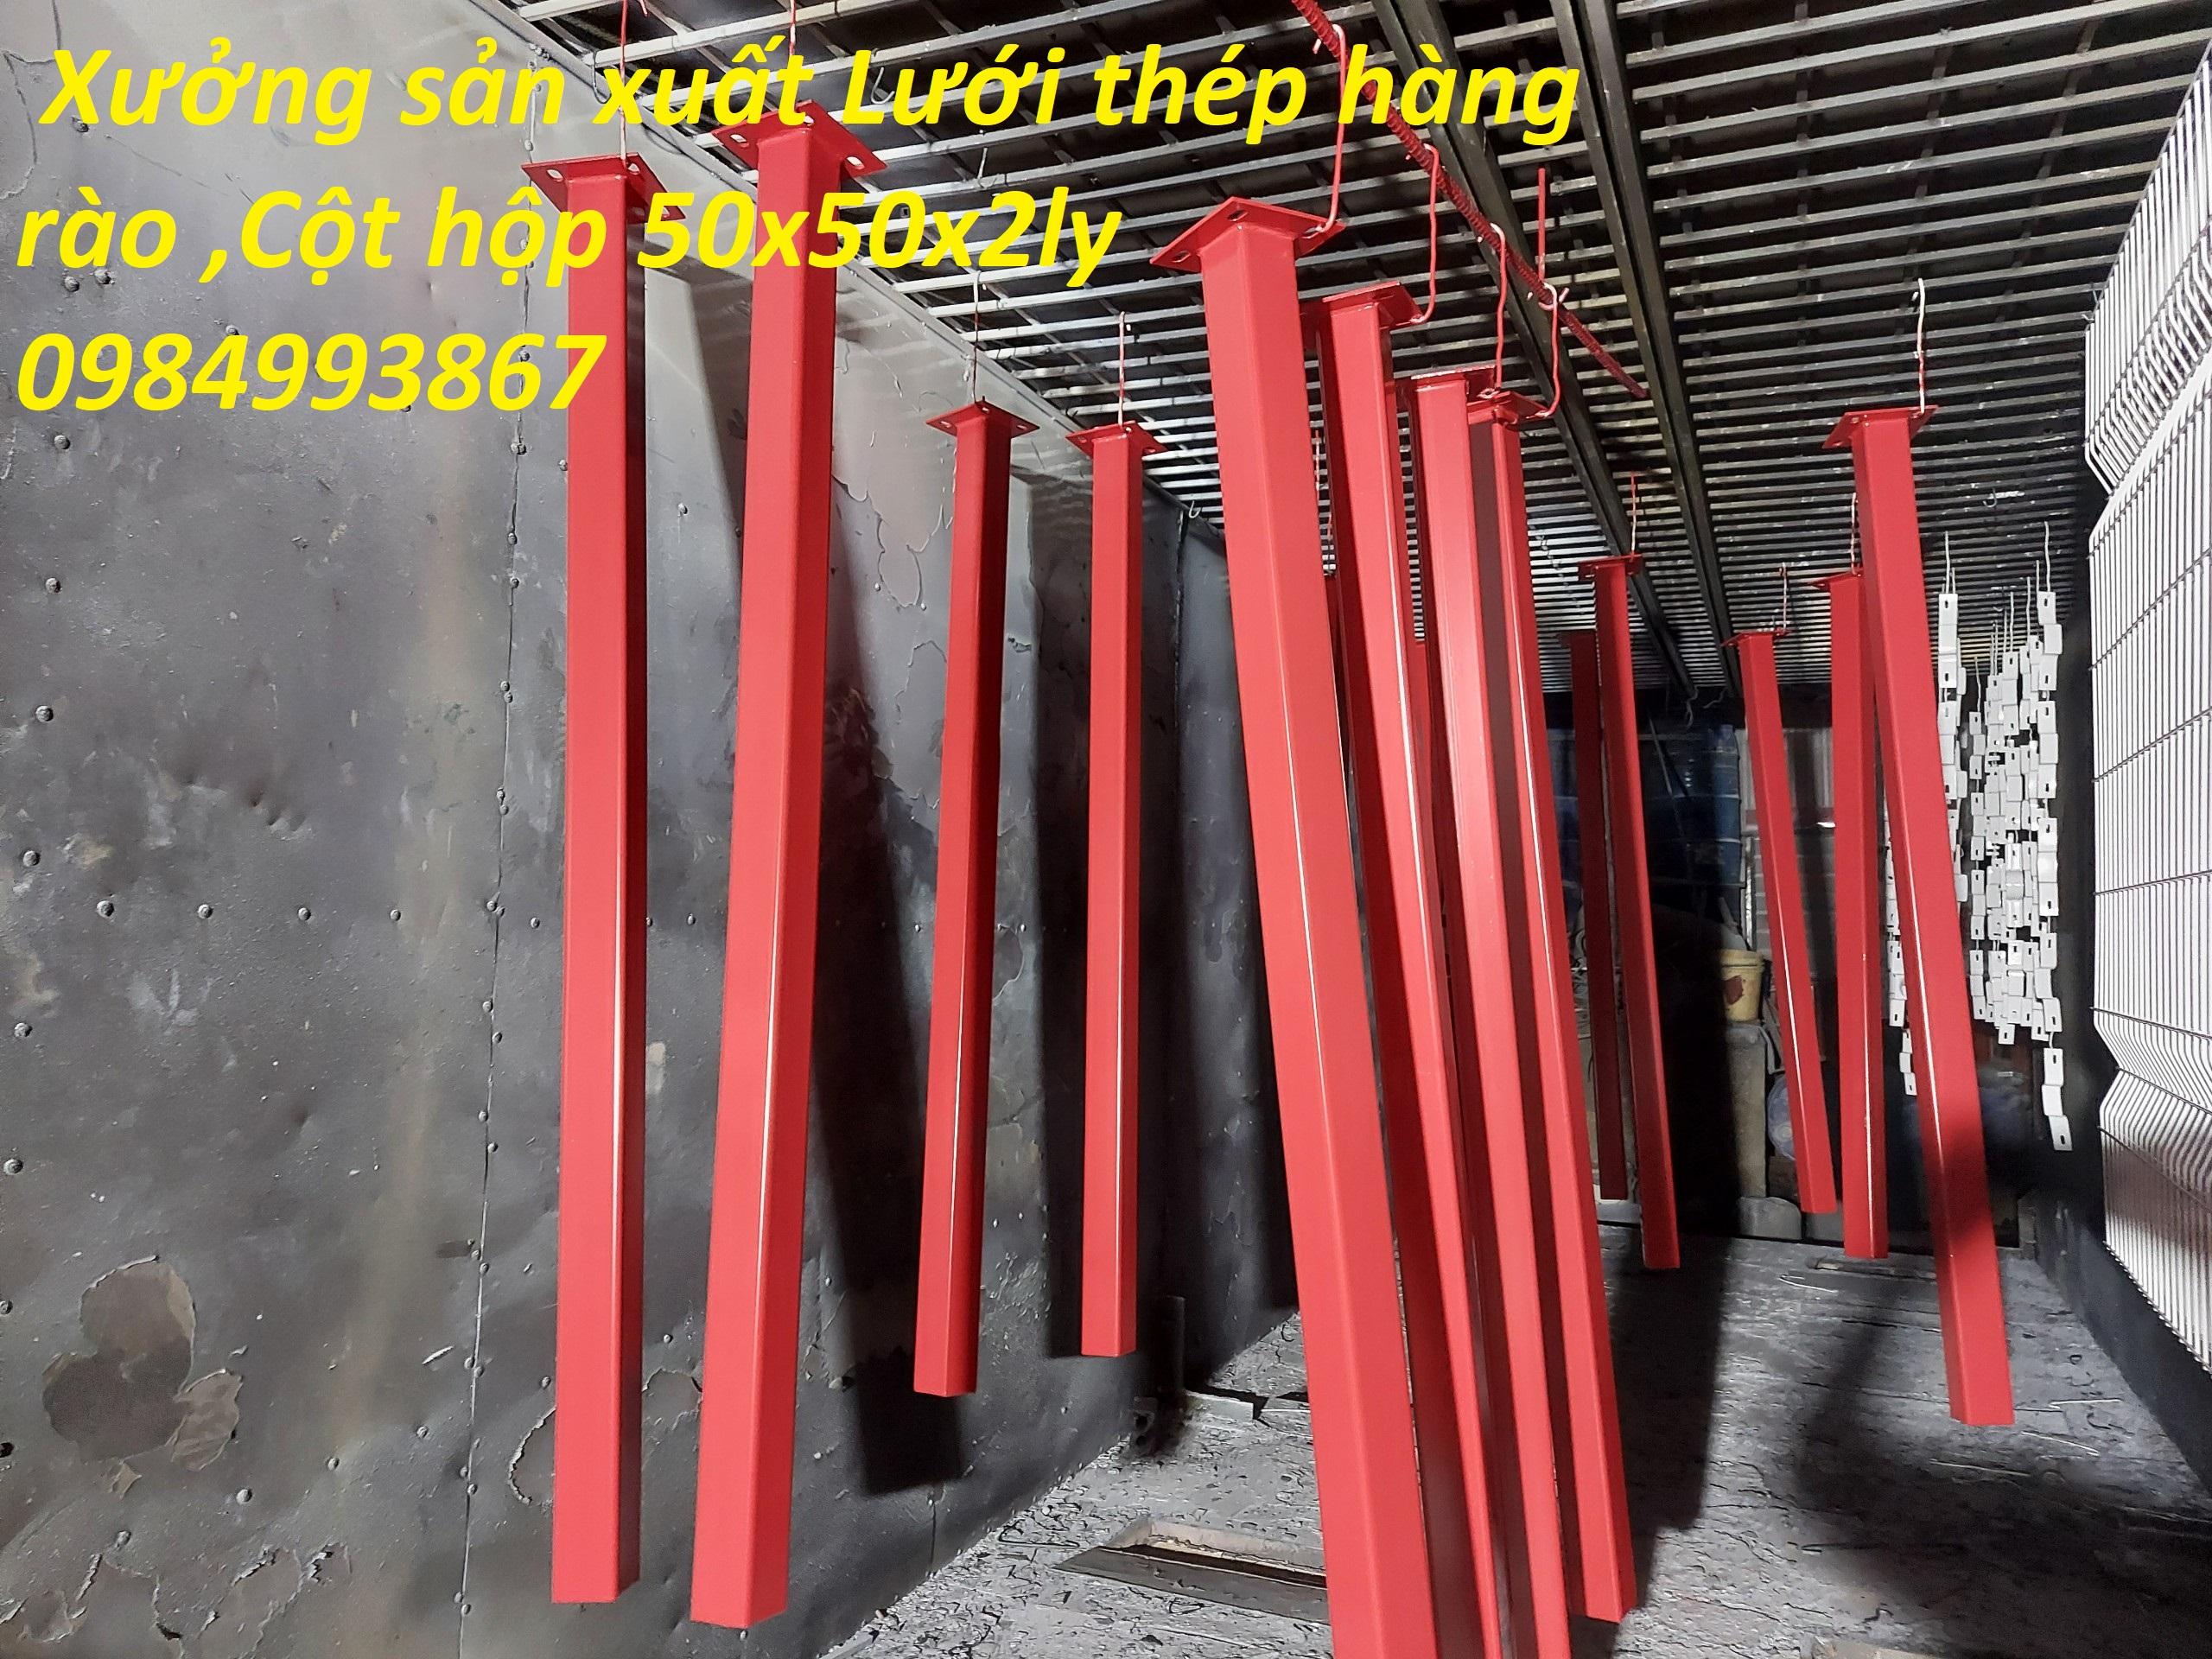 Hàng rào khu công nghiệp d4 a 50x200